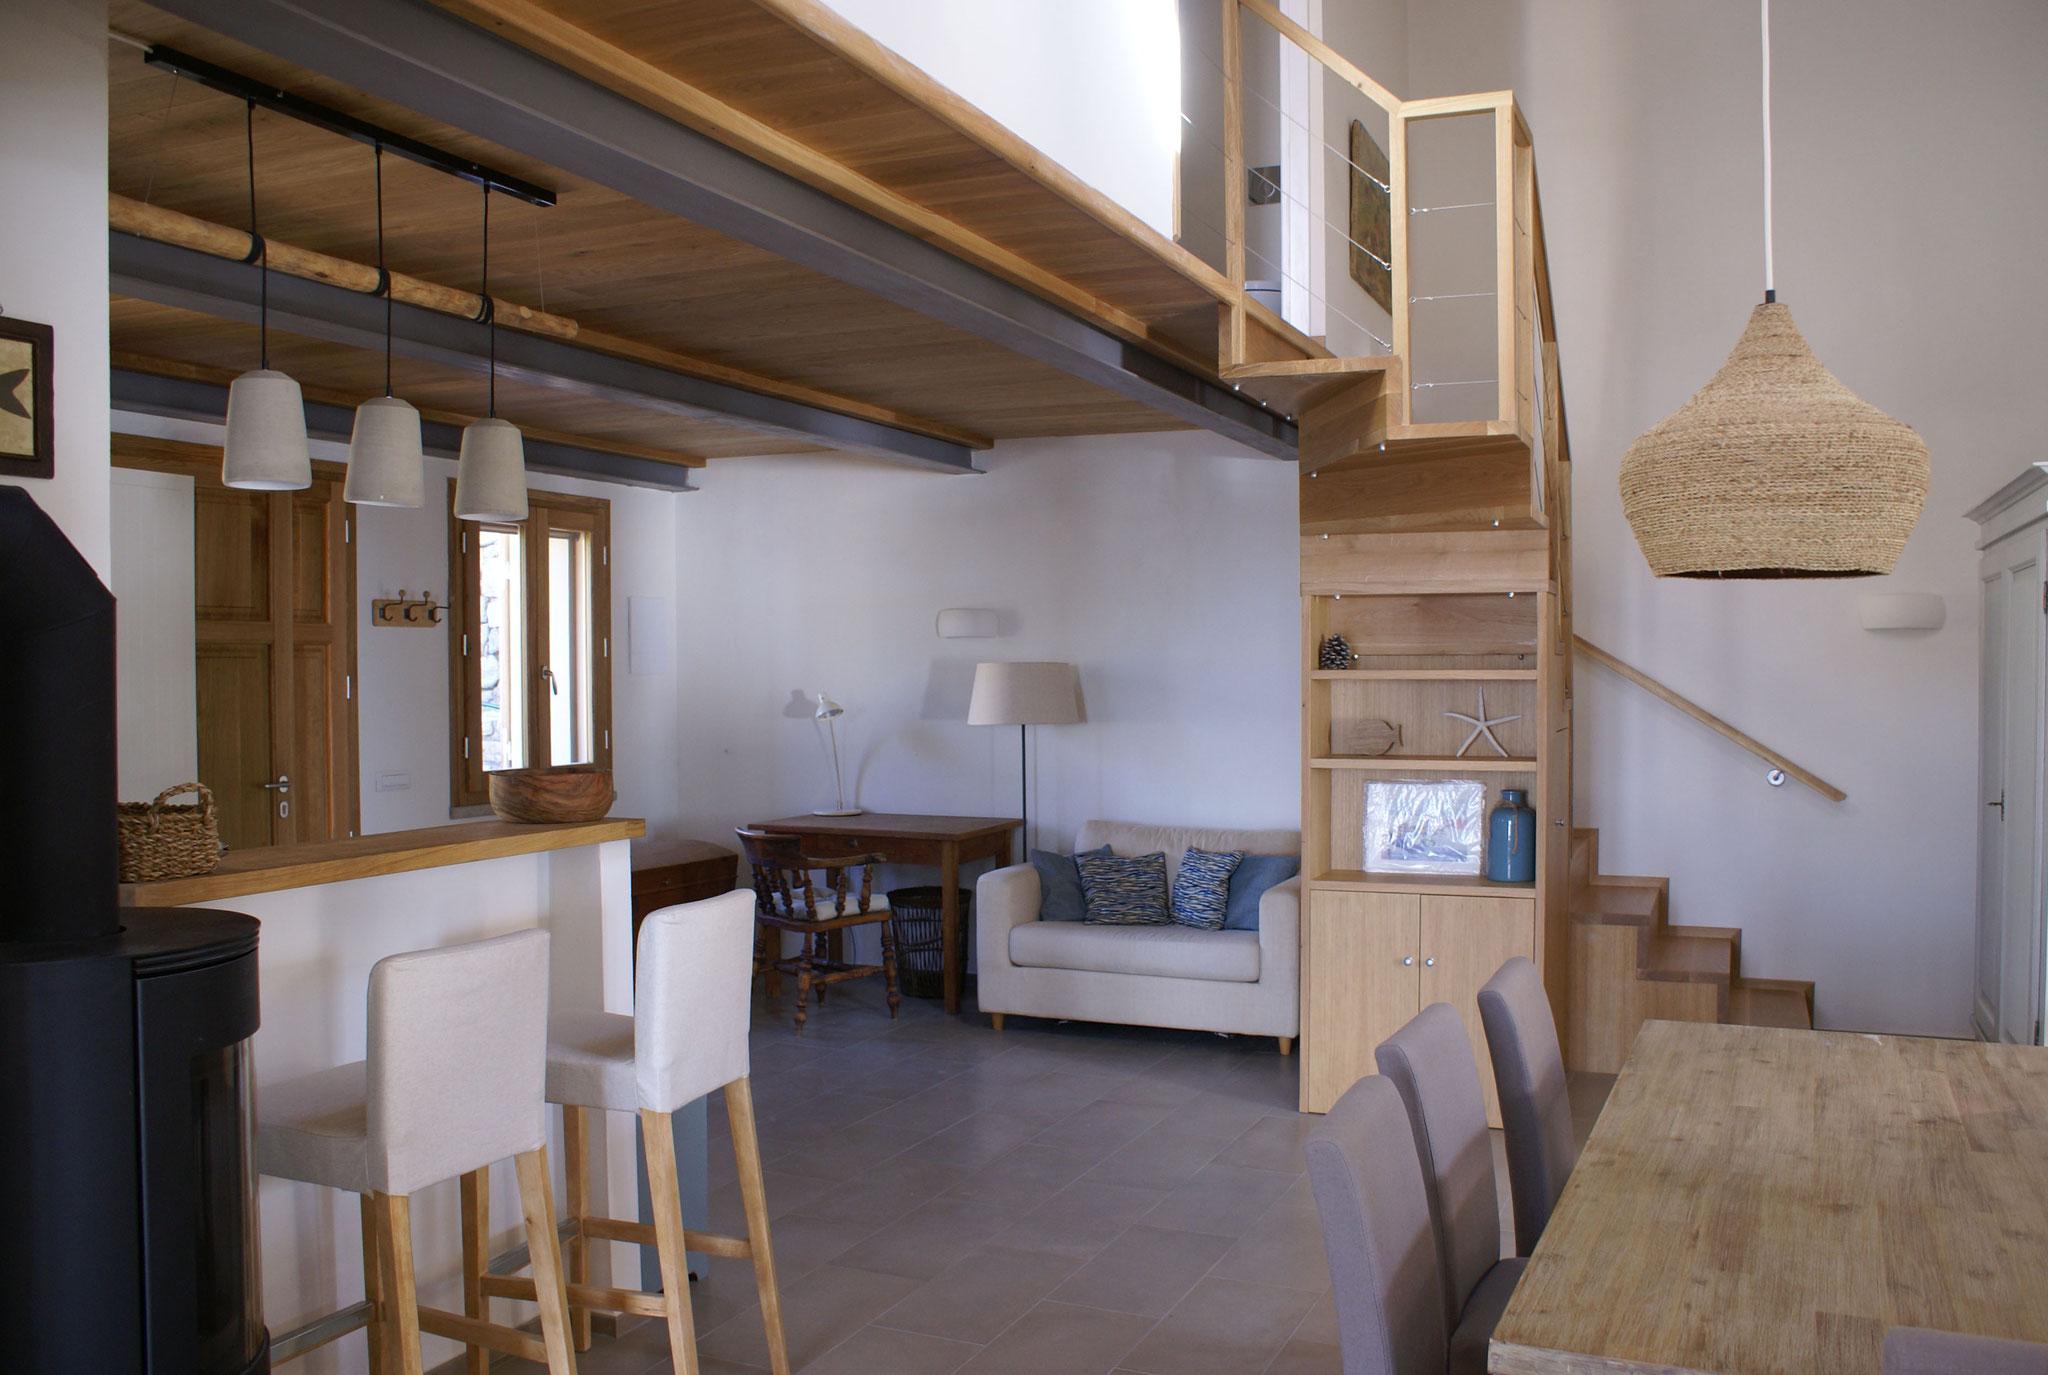 Diele mit Küchentresen, Treppenaufgang und Essplatz